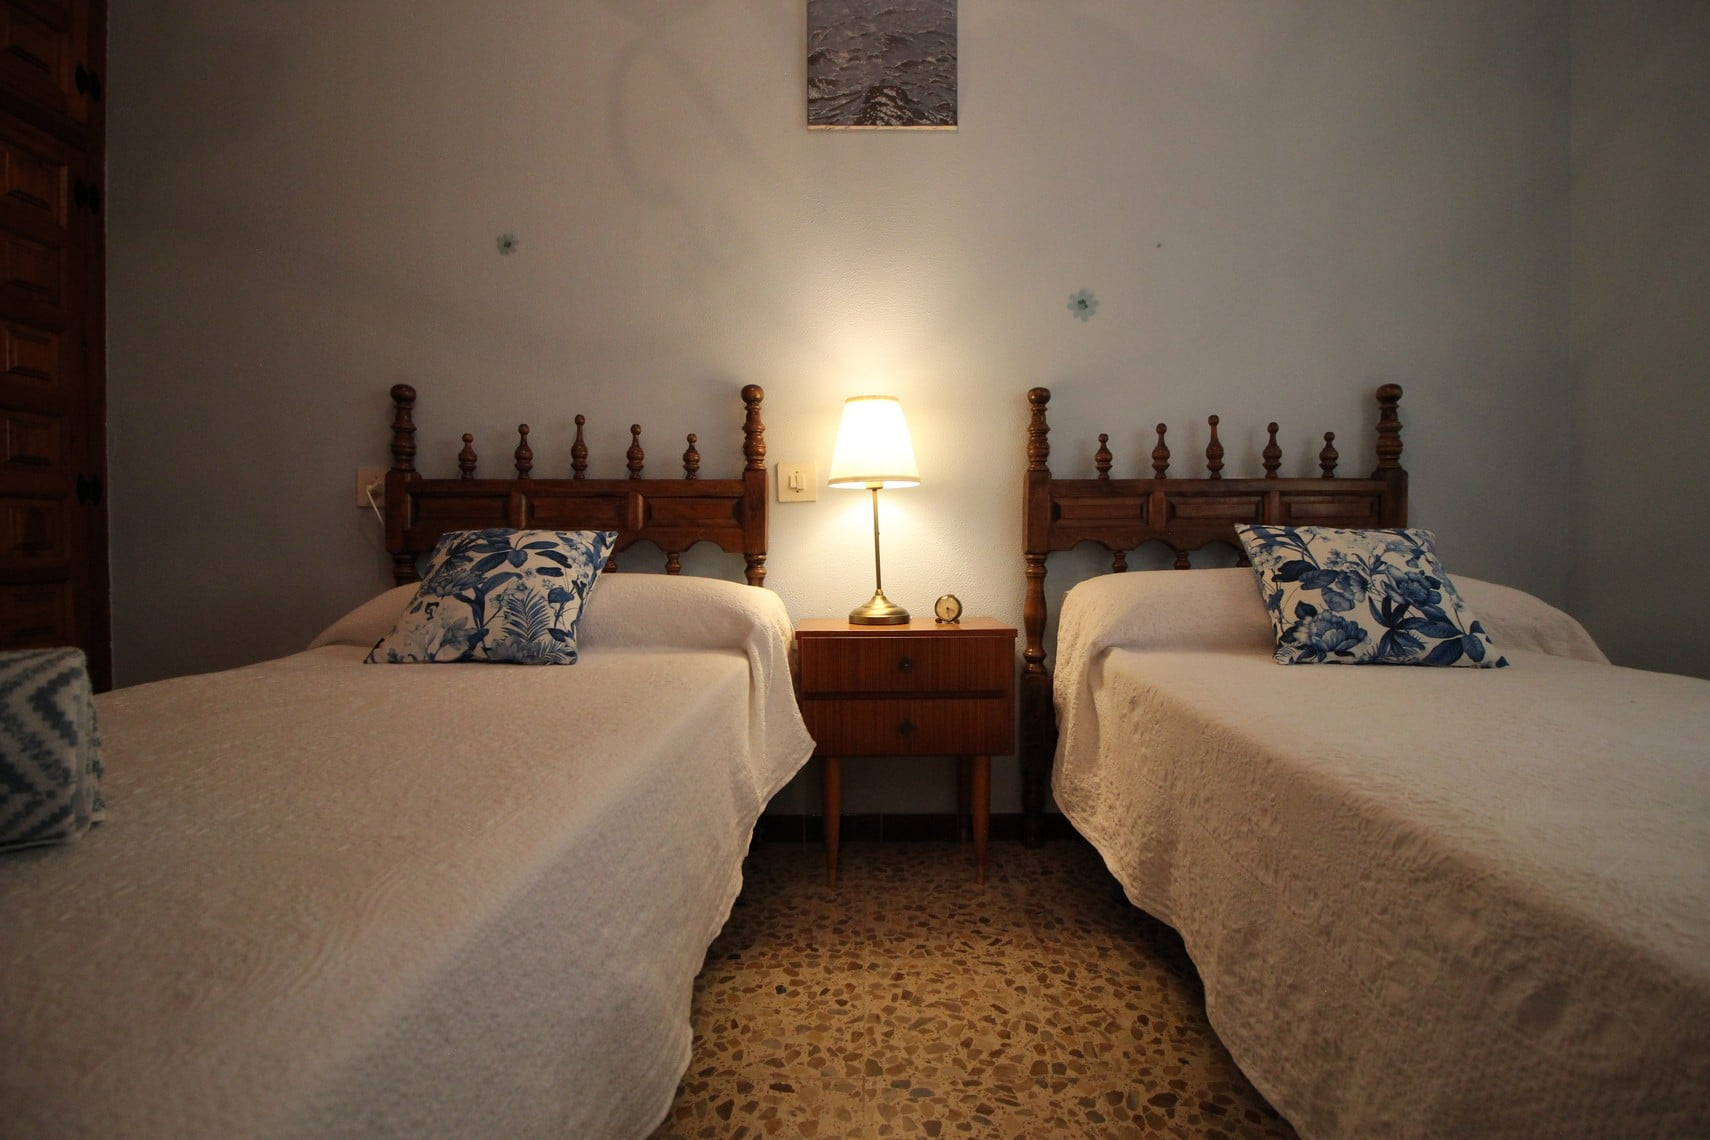 habitación3_las_hazas jarandilla004